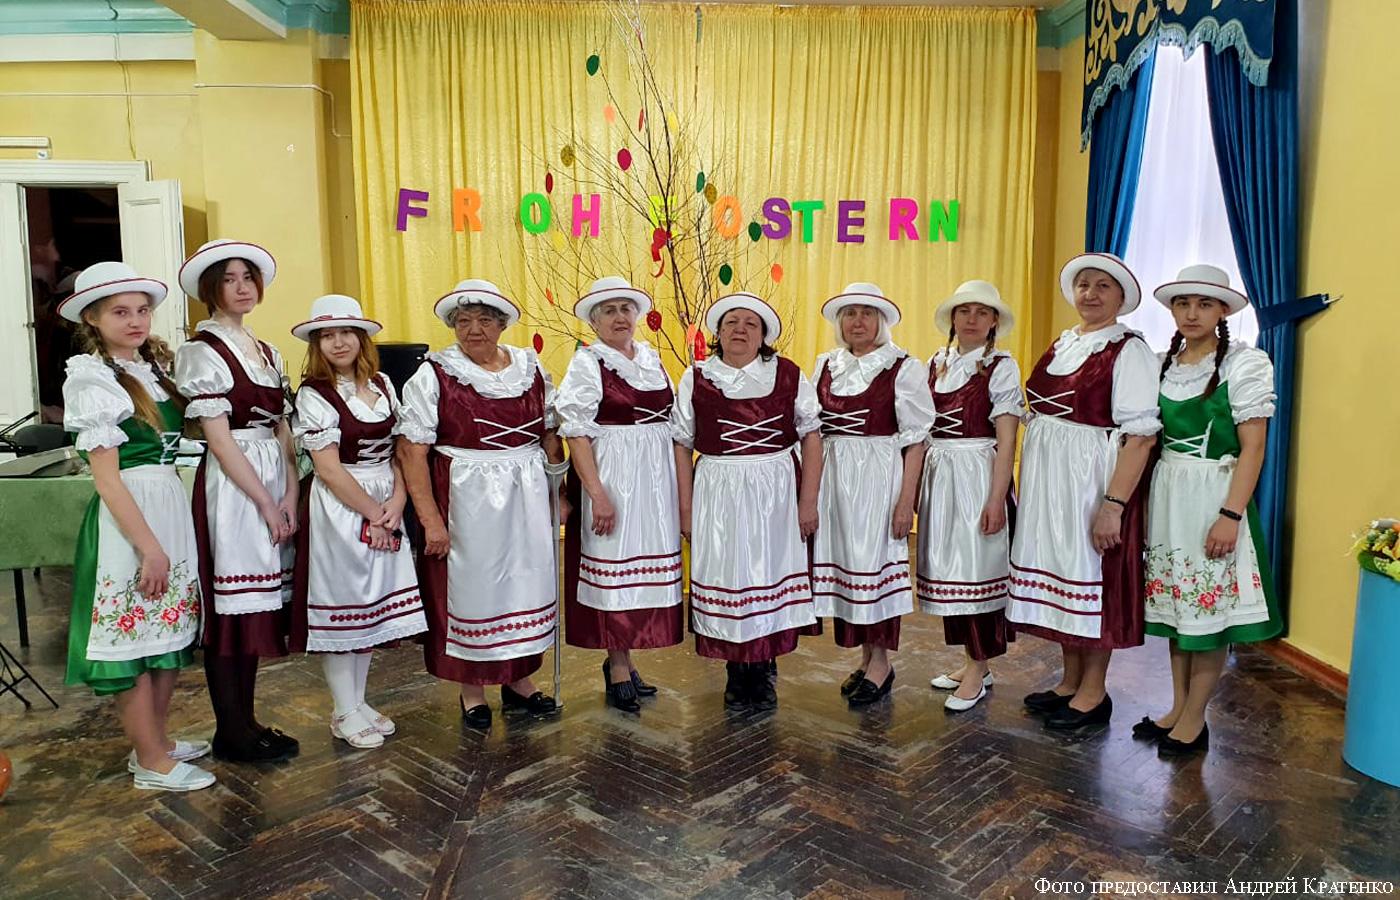 Следуя традициям немецкой Пасхи